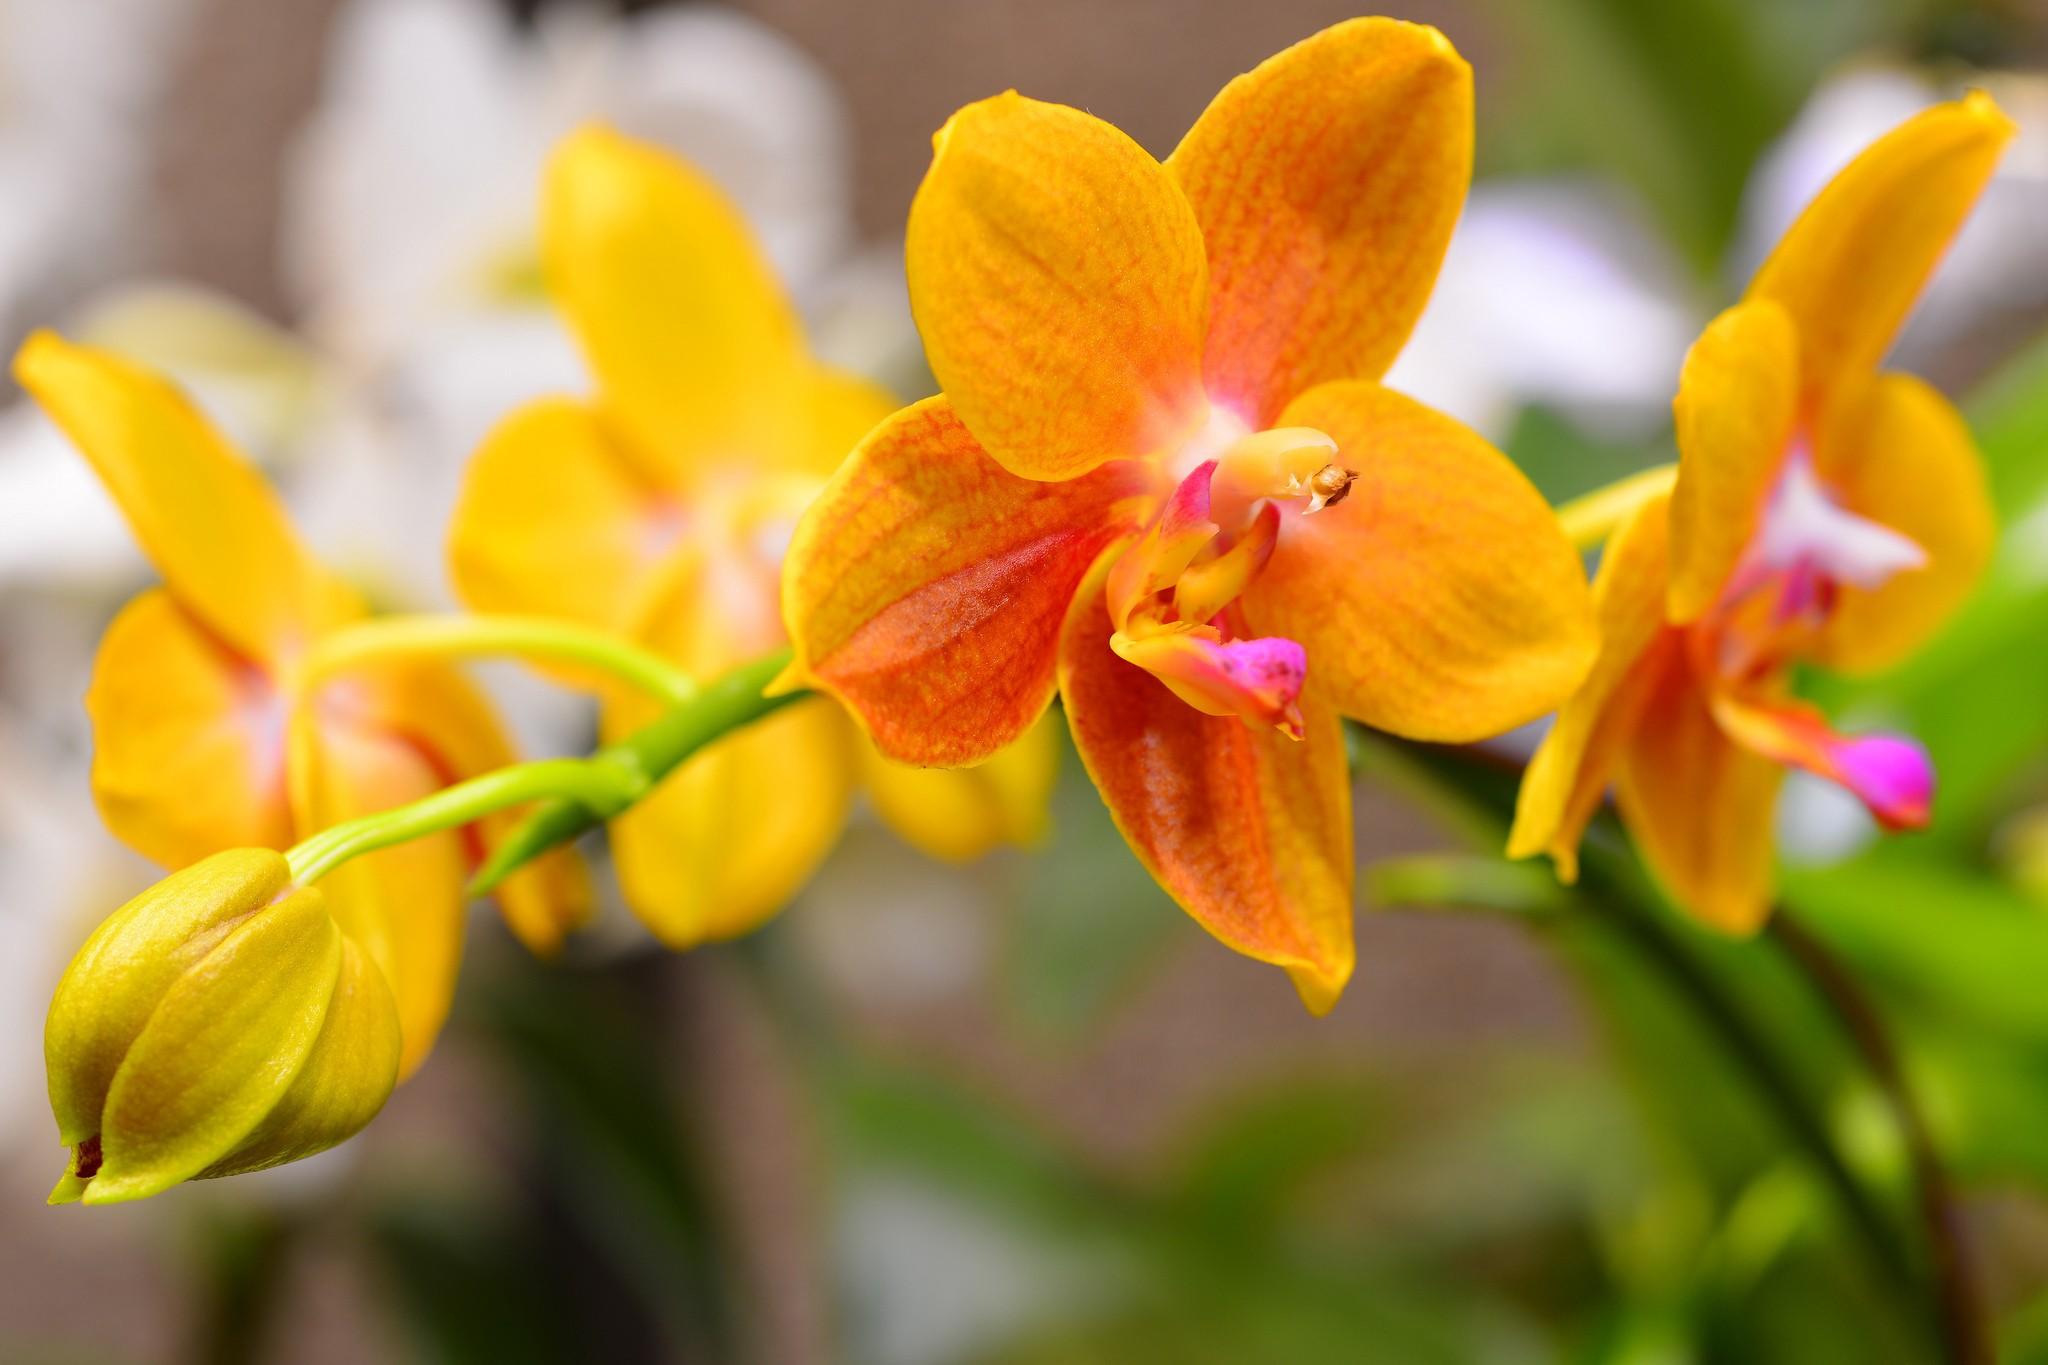 красивое фото желтых орхидей знают, что подводные